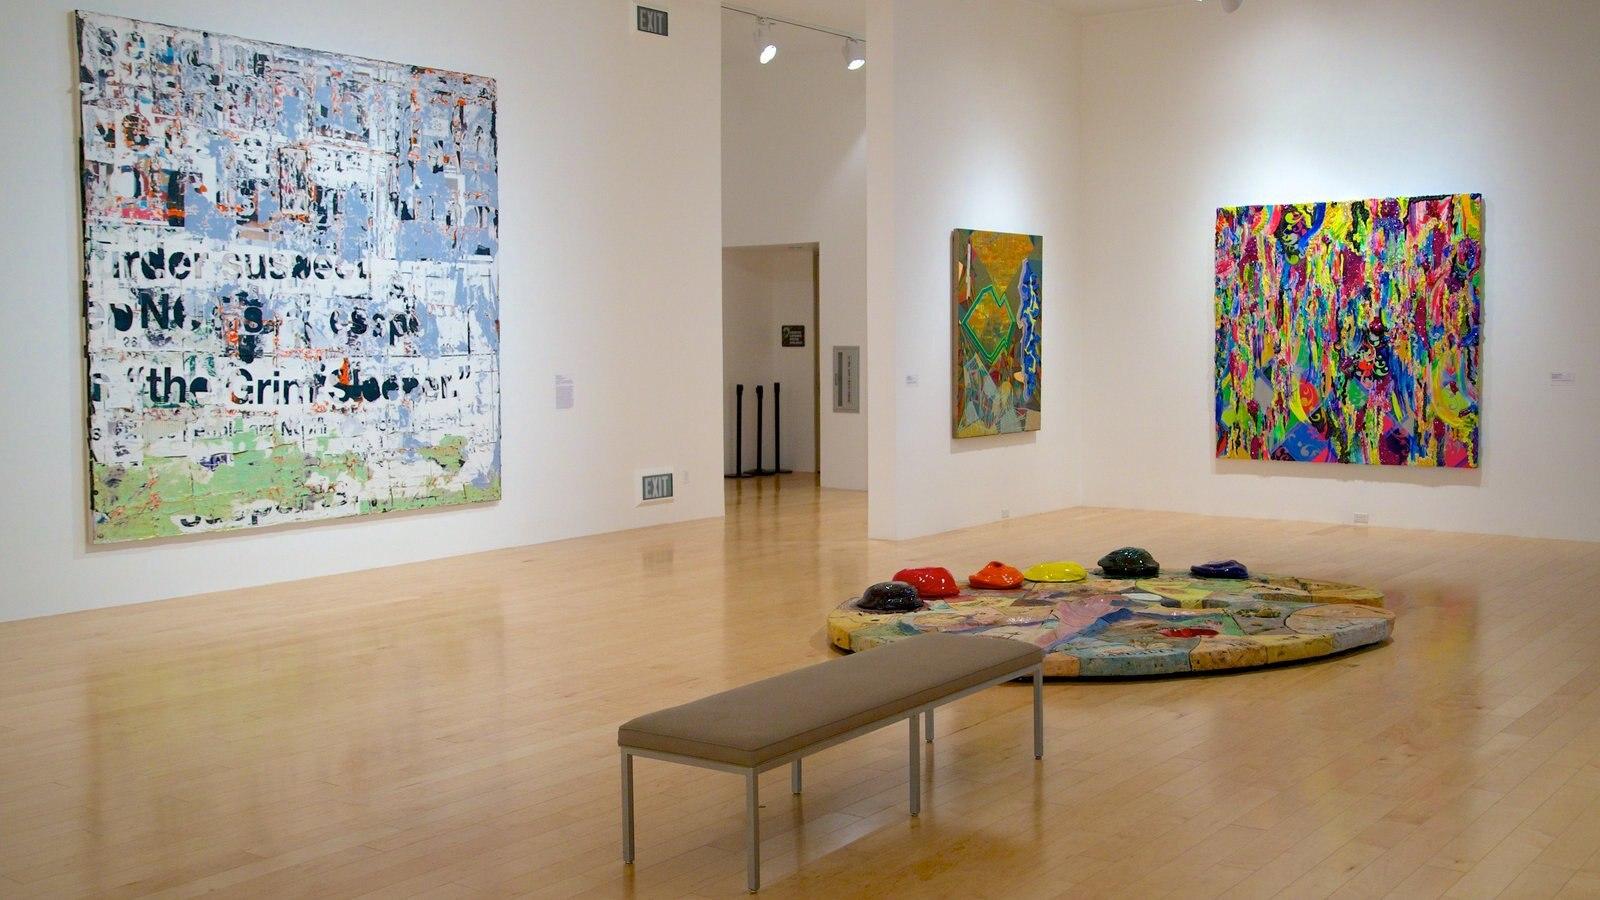 Palm Springs Art Museum mostrando vistas internas